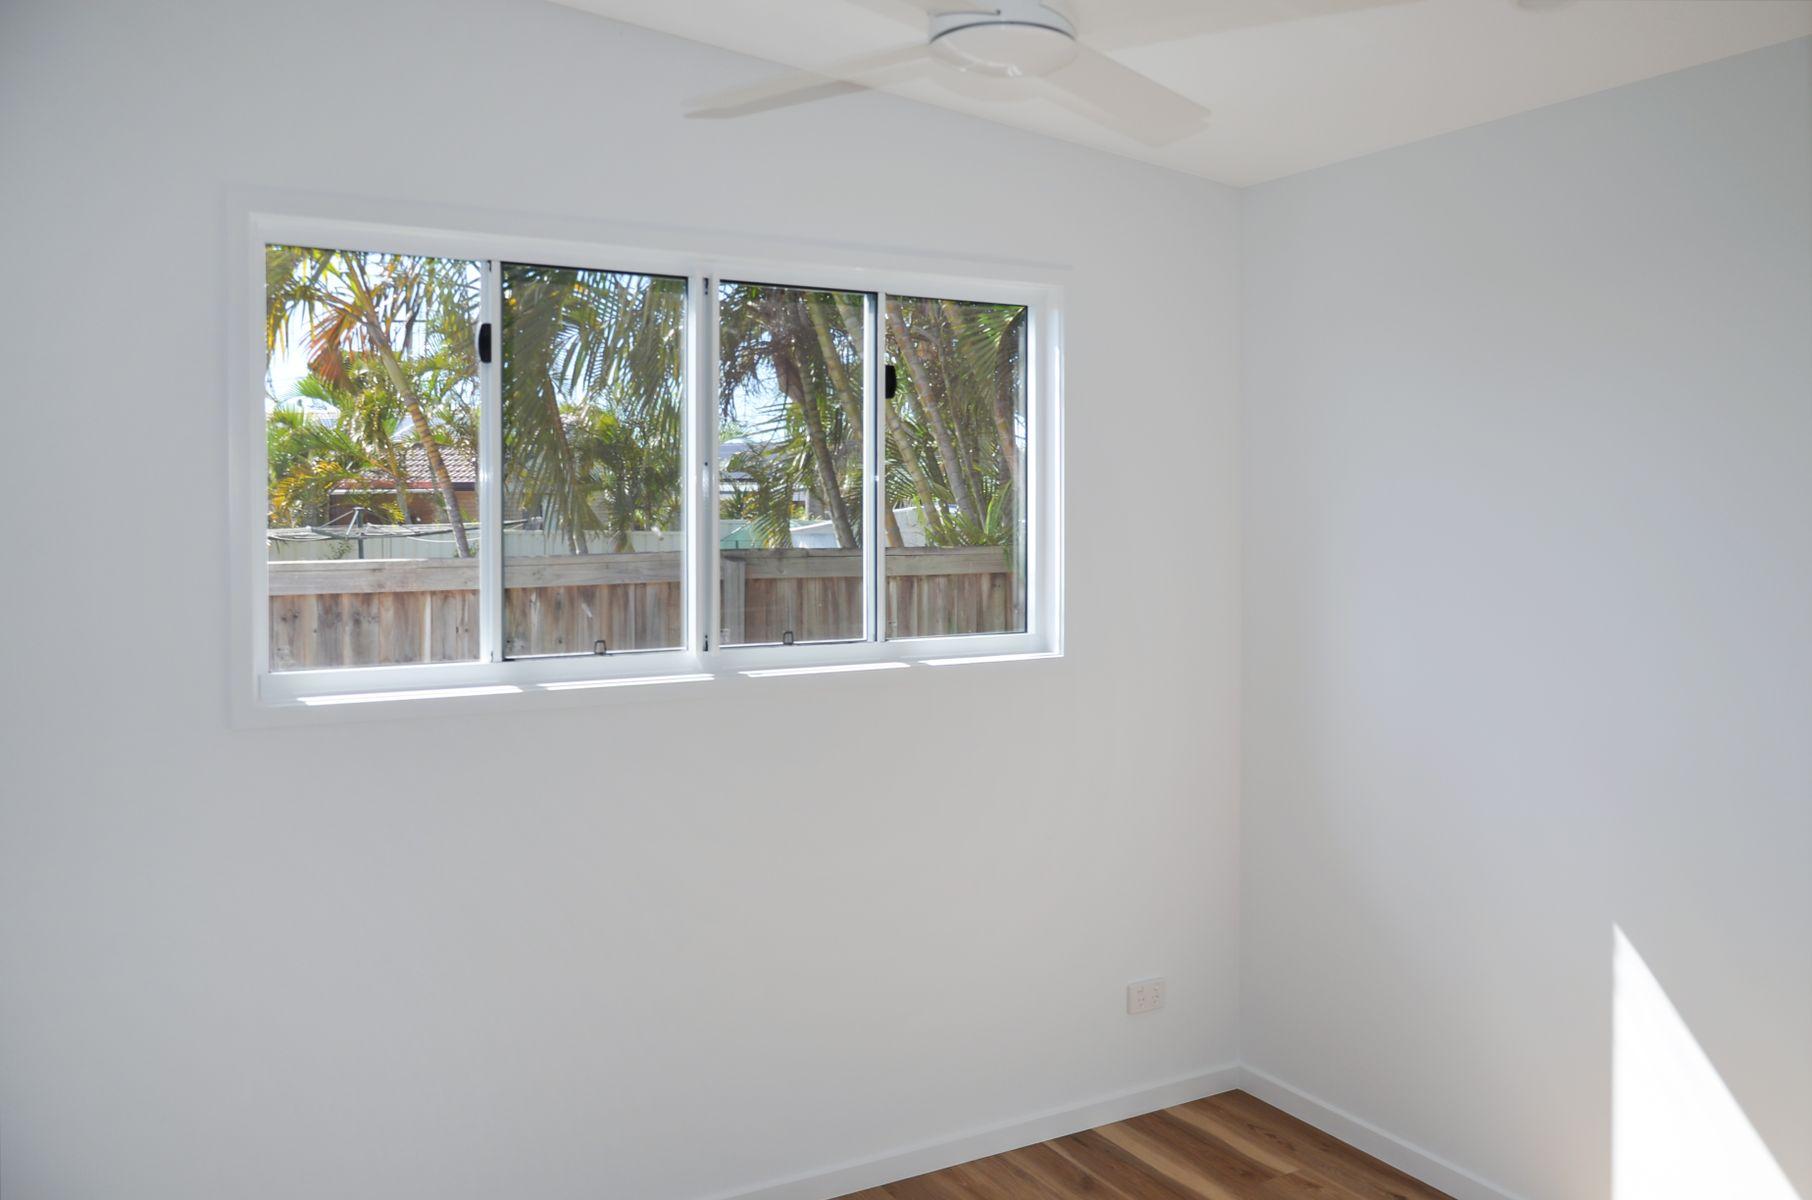 6 Alloota Street, Wurtulla, QLD 4575